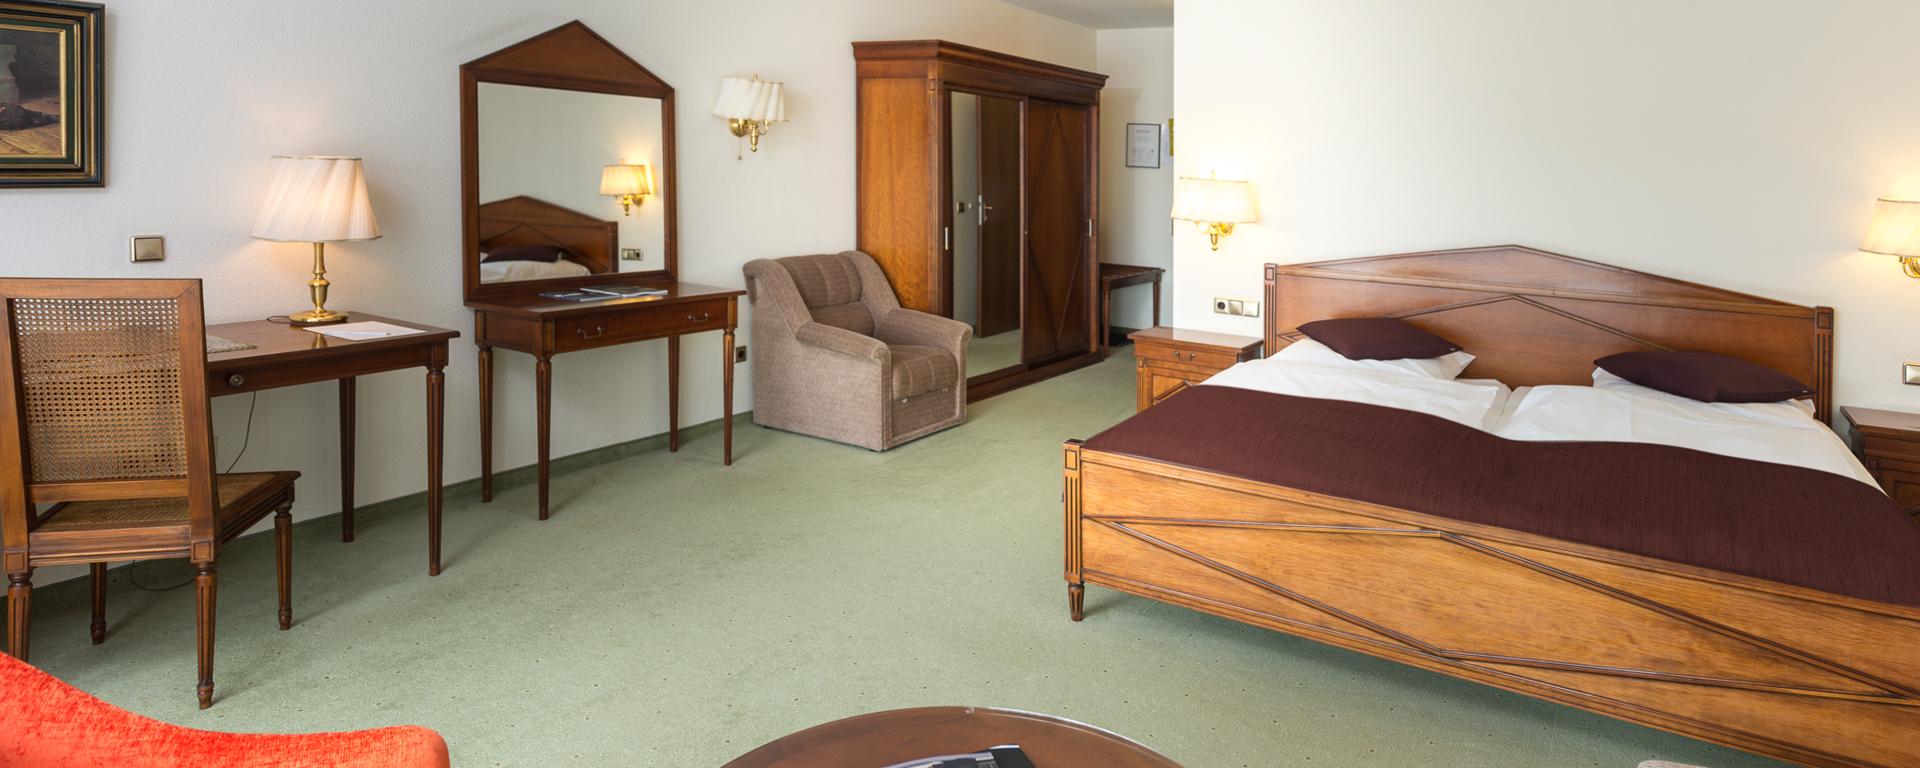 Hotel eden au lac echternach kamer type ii de luxe - Kamer sfeer ...